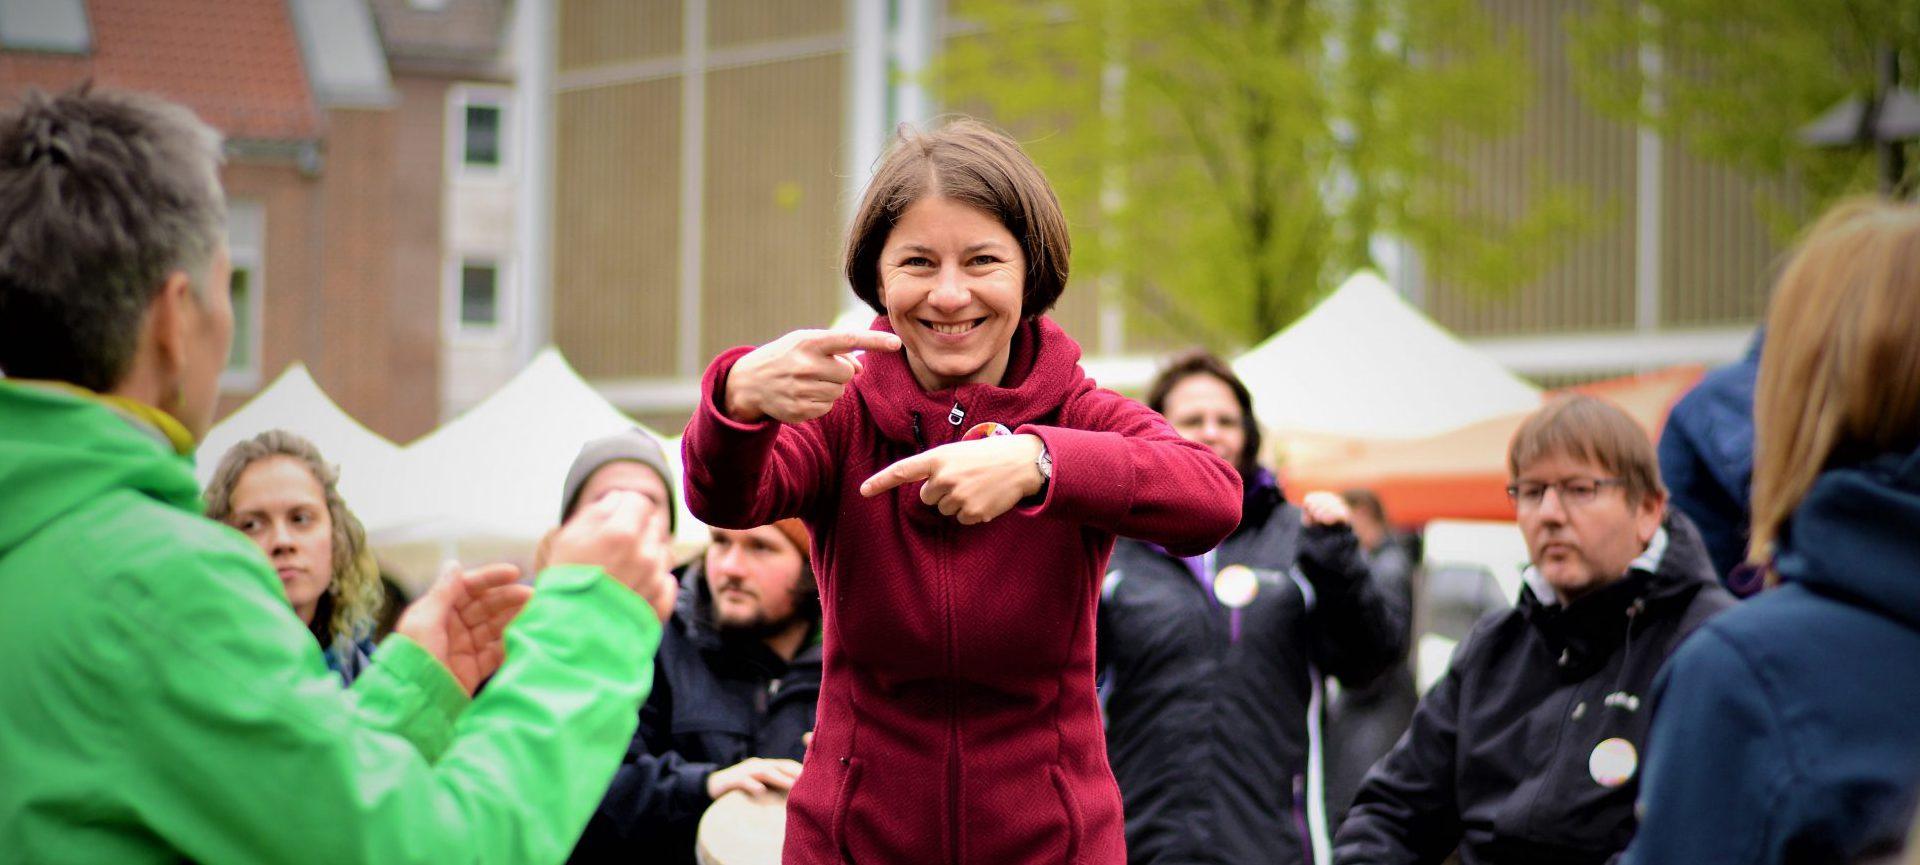 Helga Reihl beim Drum Circle auf dem Marktplatz in Lübeck. Mit einer Geste lädt sie zum Weiterspielen ein.